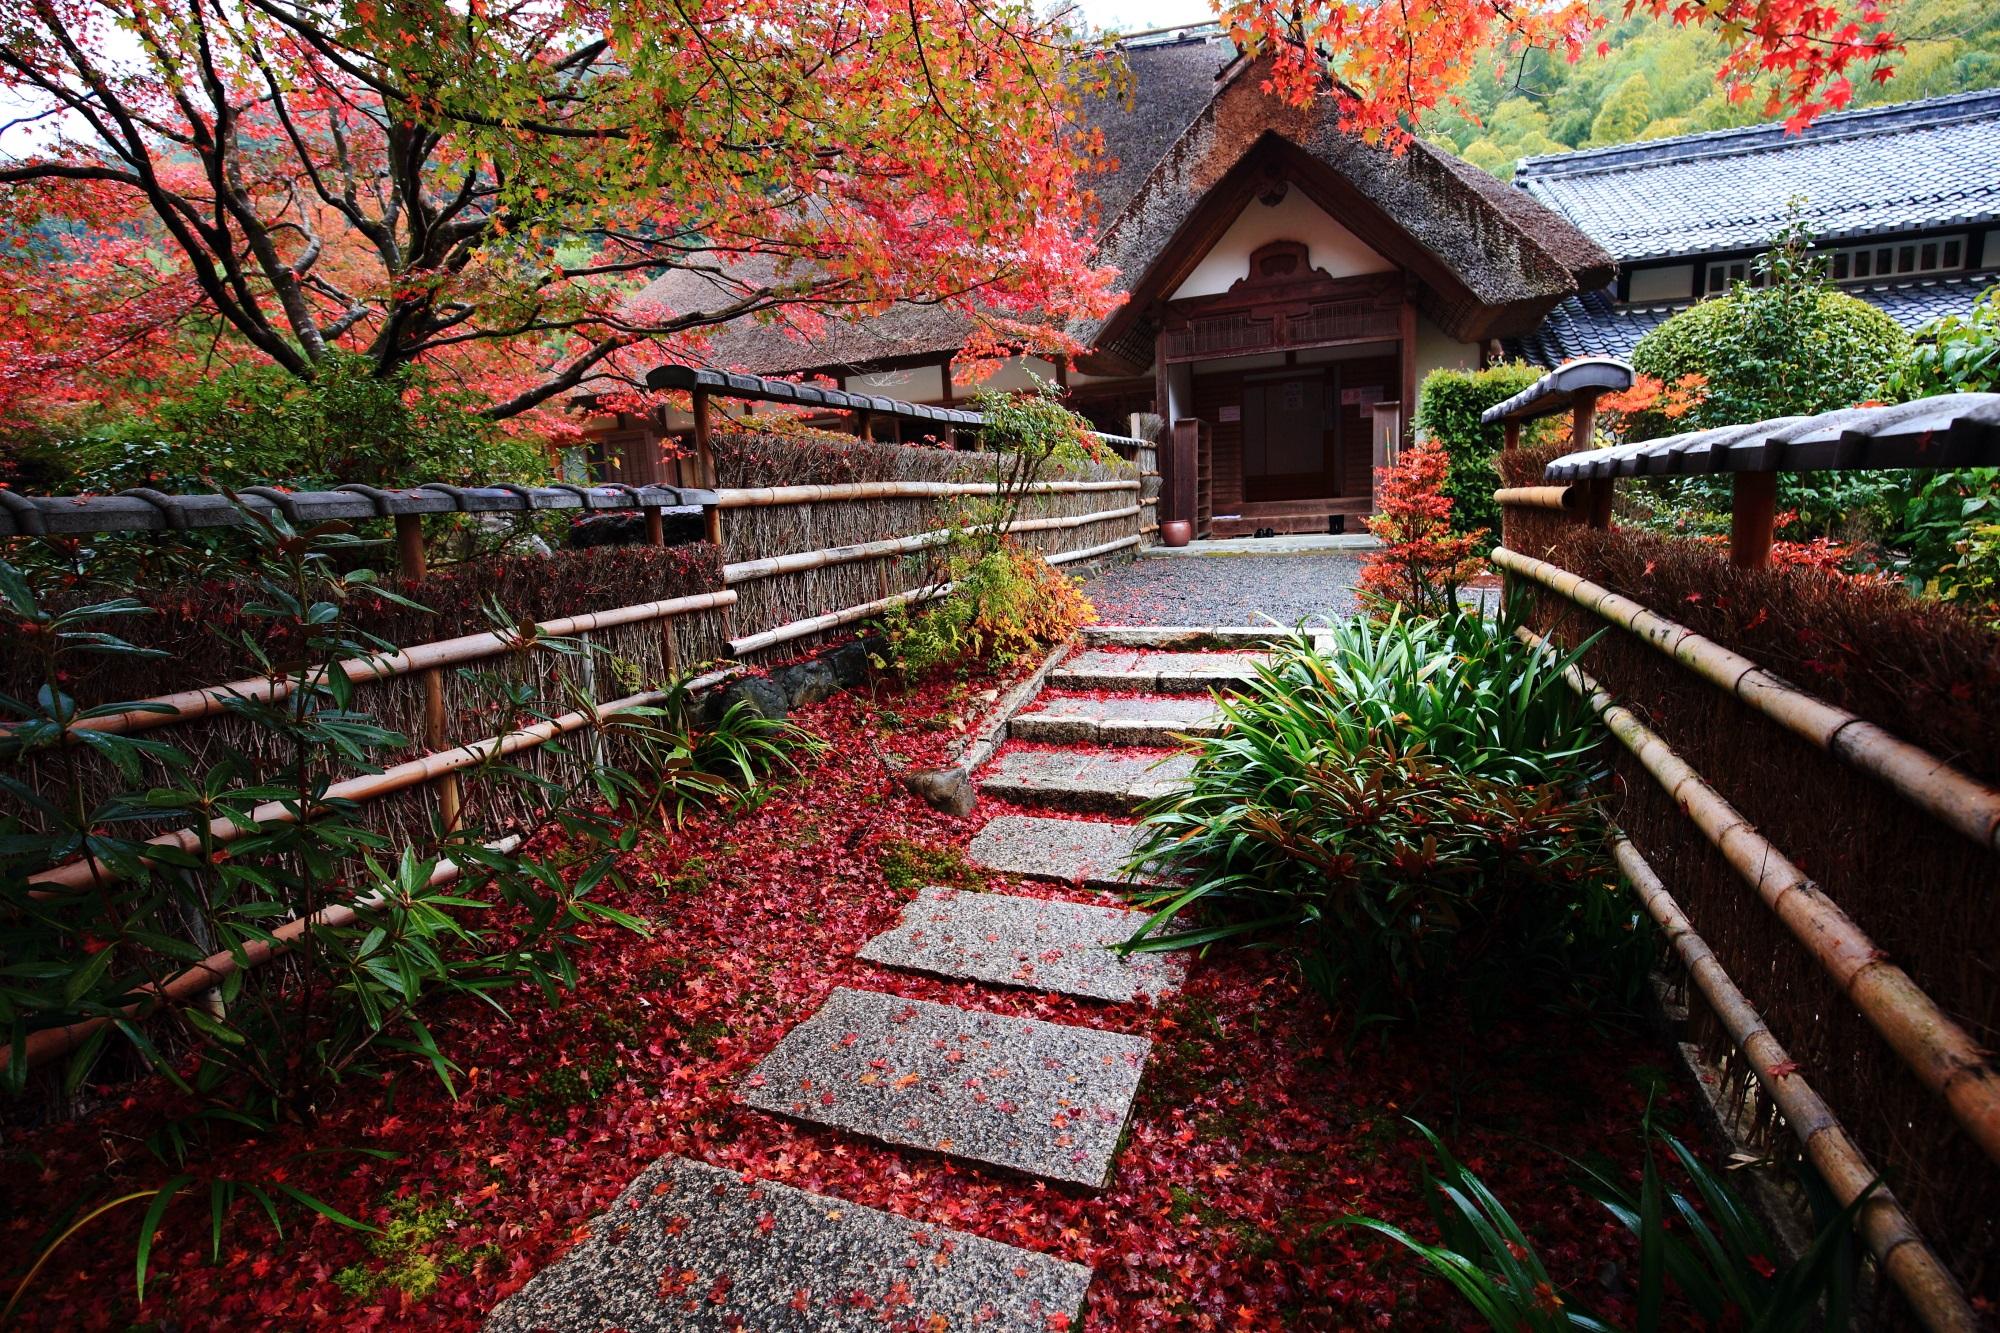 直指庵の阿弥陀堂と見ごろの鮮やかな紅葉